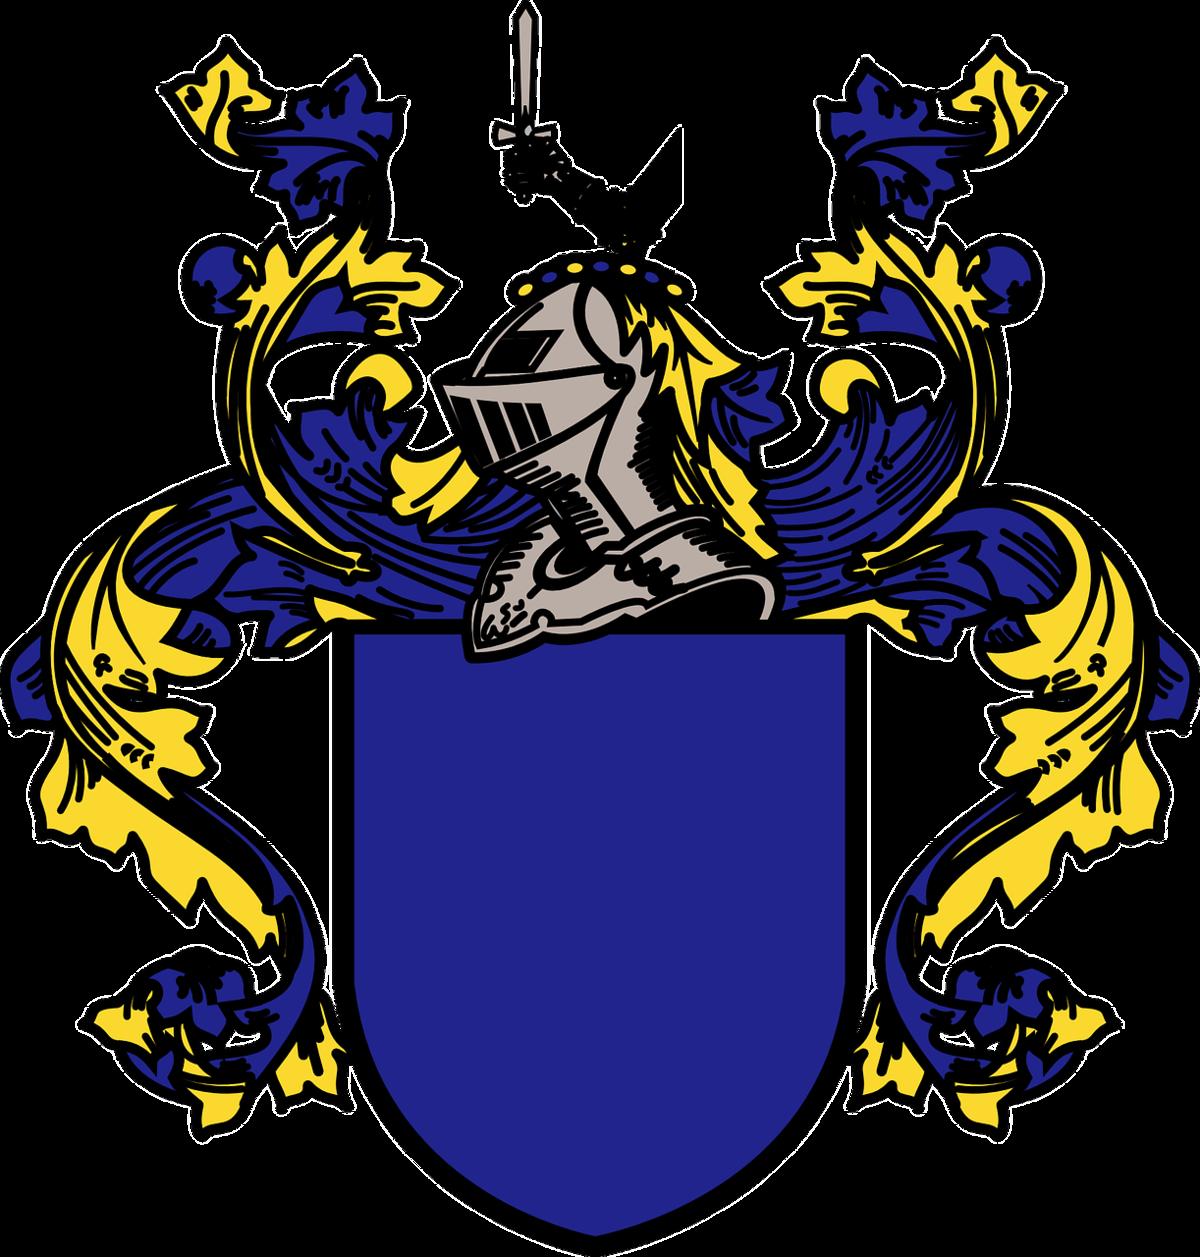 картинки цвет гербы выращивается обычно без